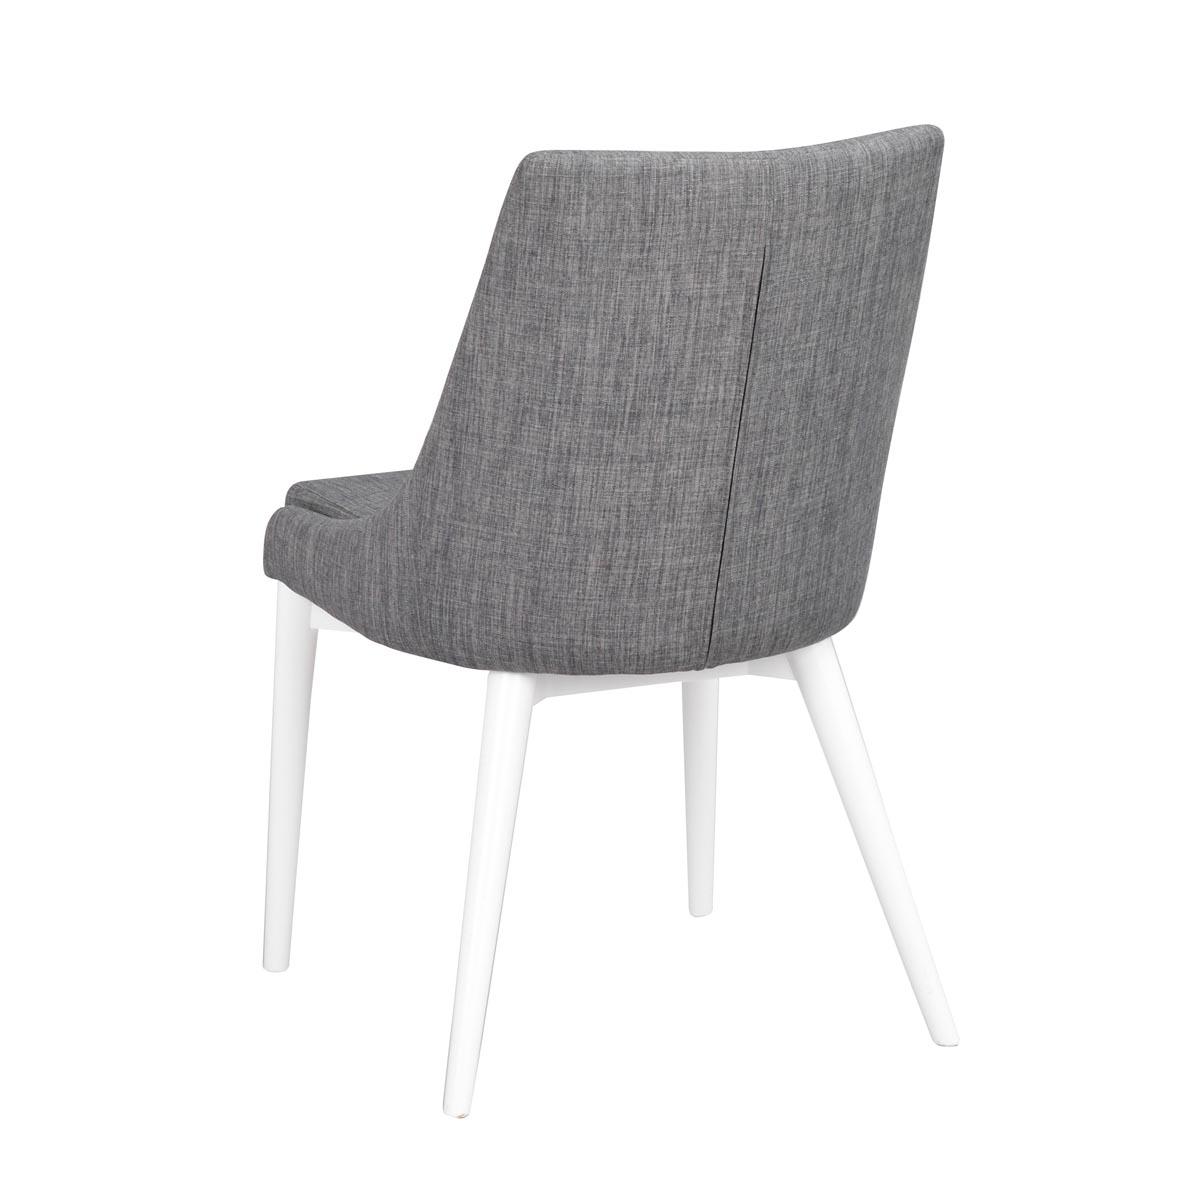 Bea-stol-mörkgrått-tyg_vitR-118320_d